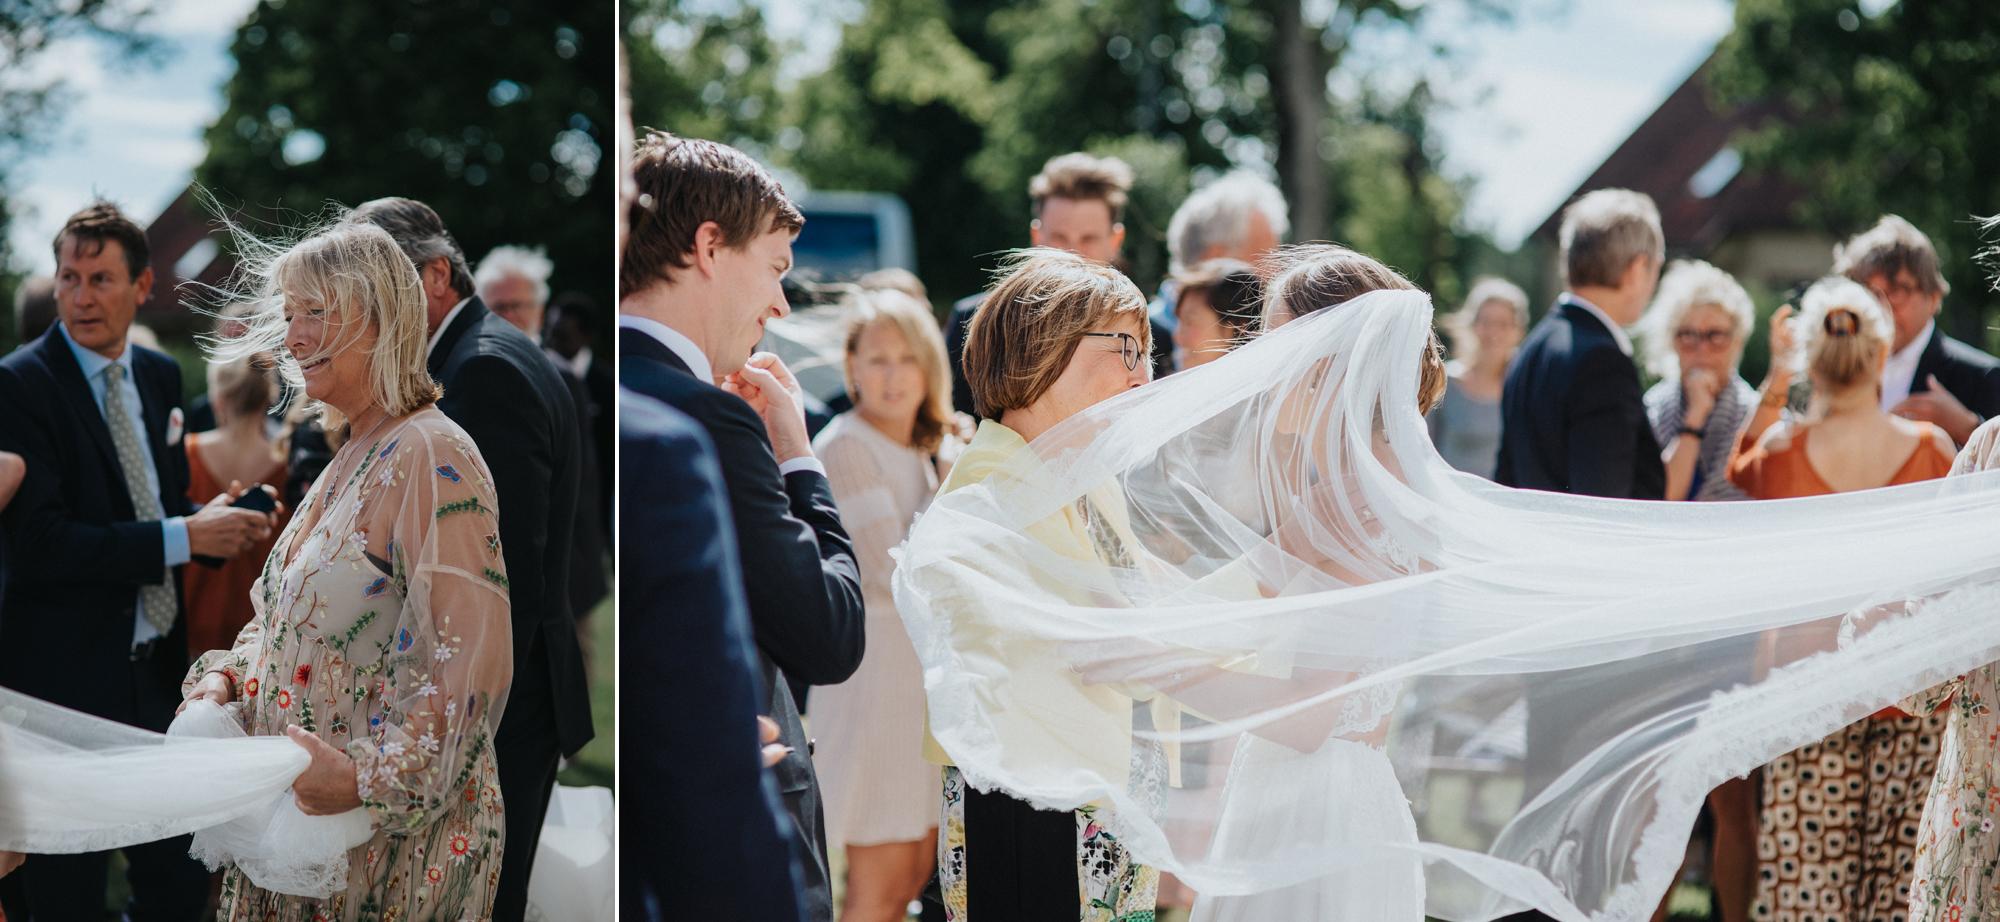 019-bröllopsfotograf-gotland-neas-fotografi.jpg